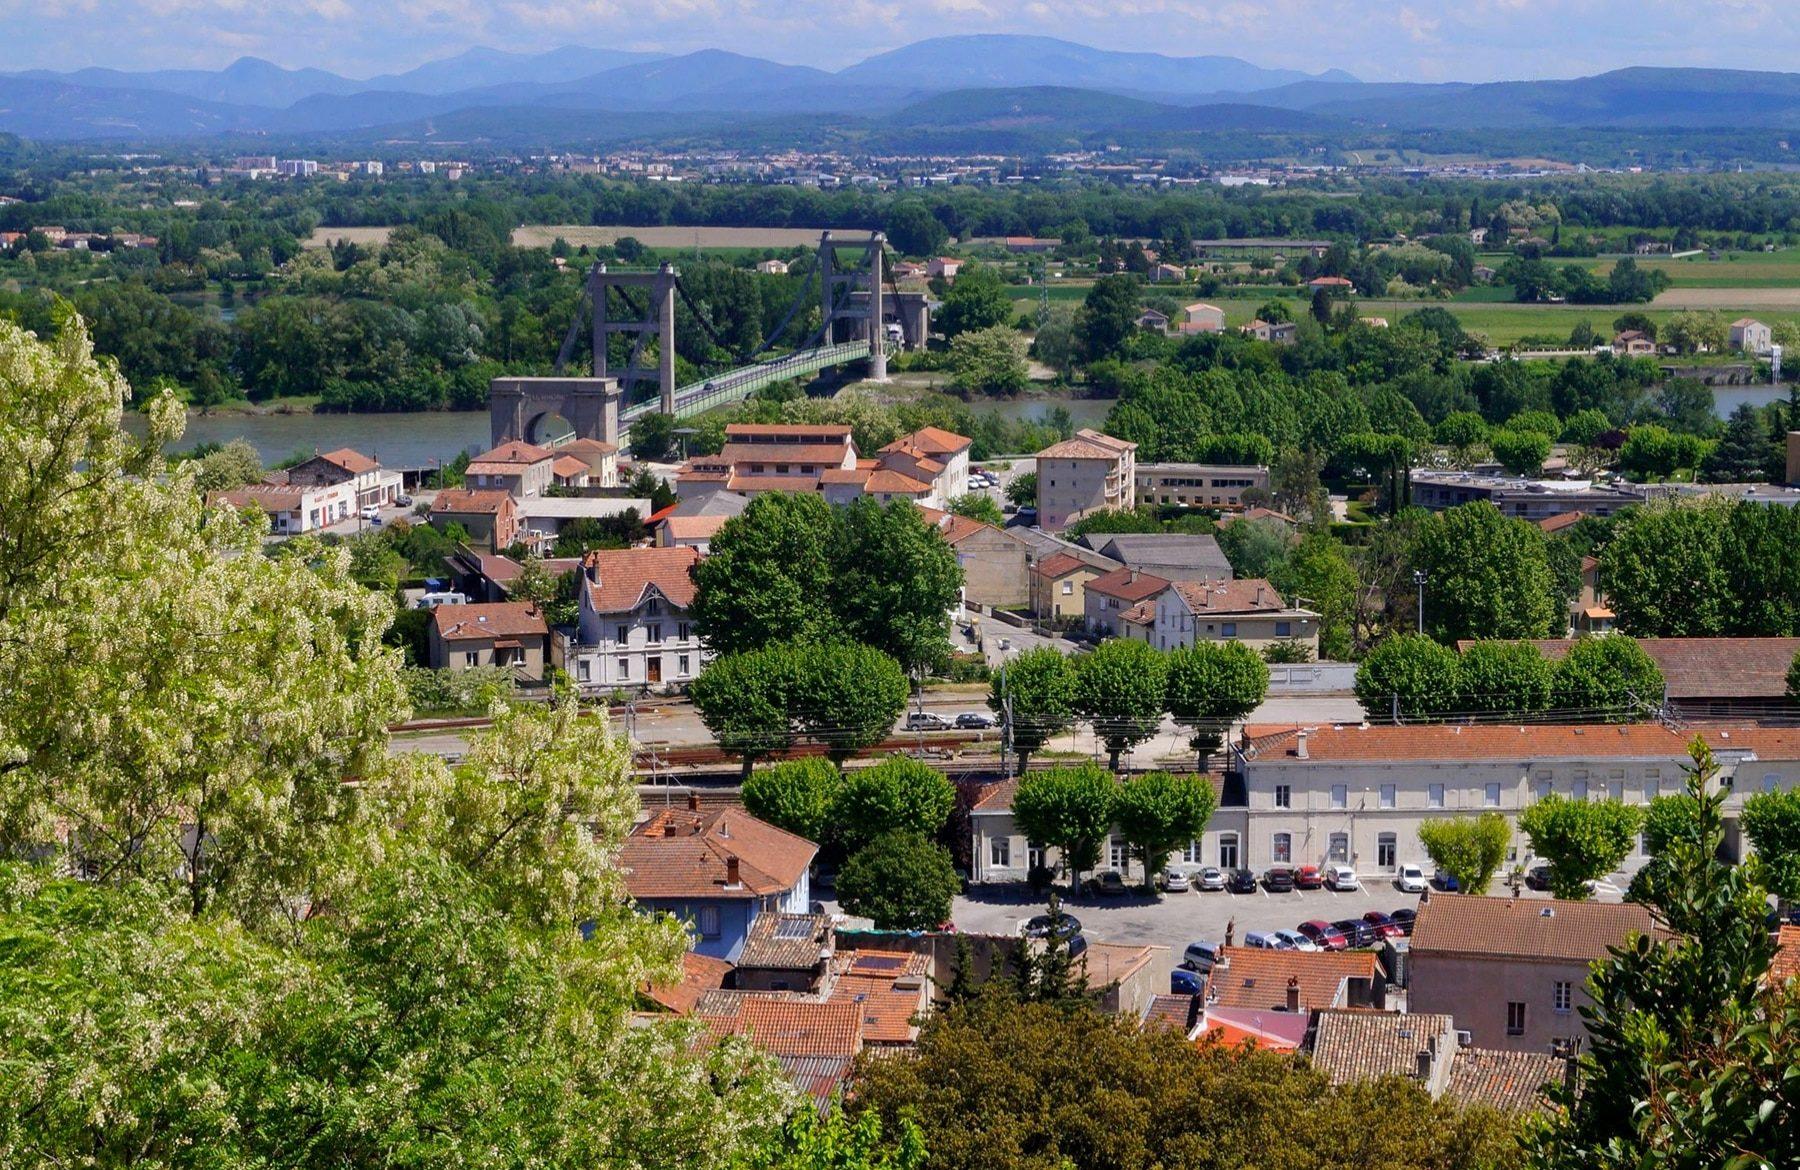 le-teil-pont-montelimar_1800x1260_acf_cropped